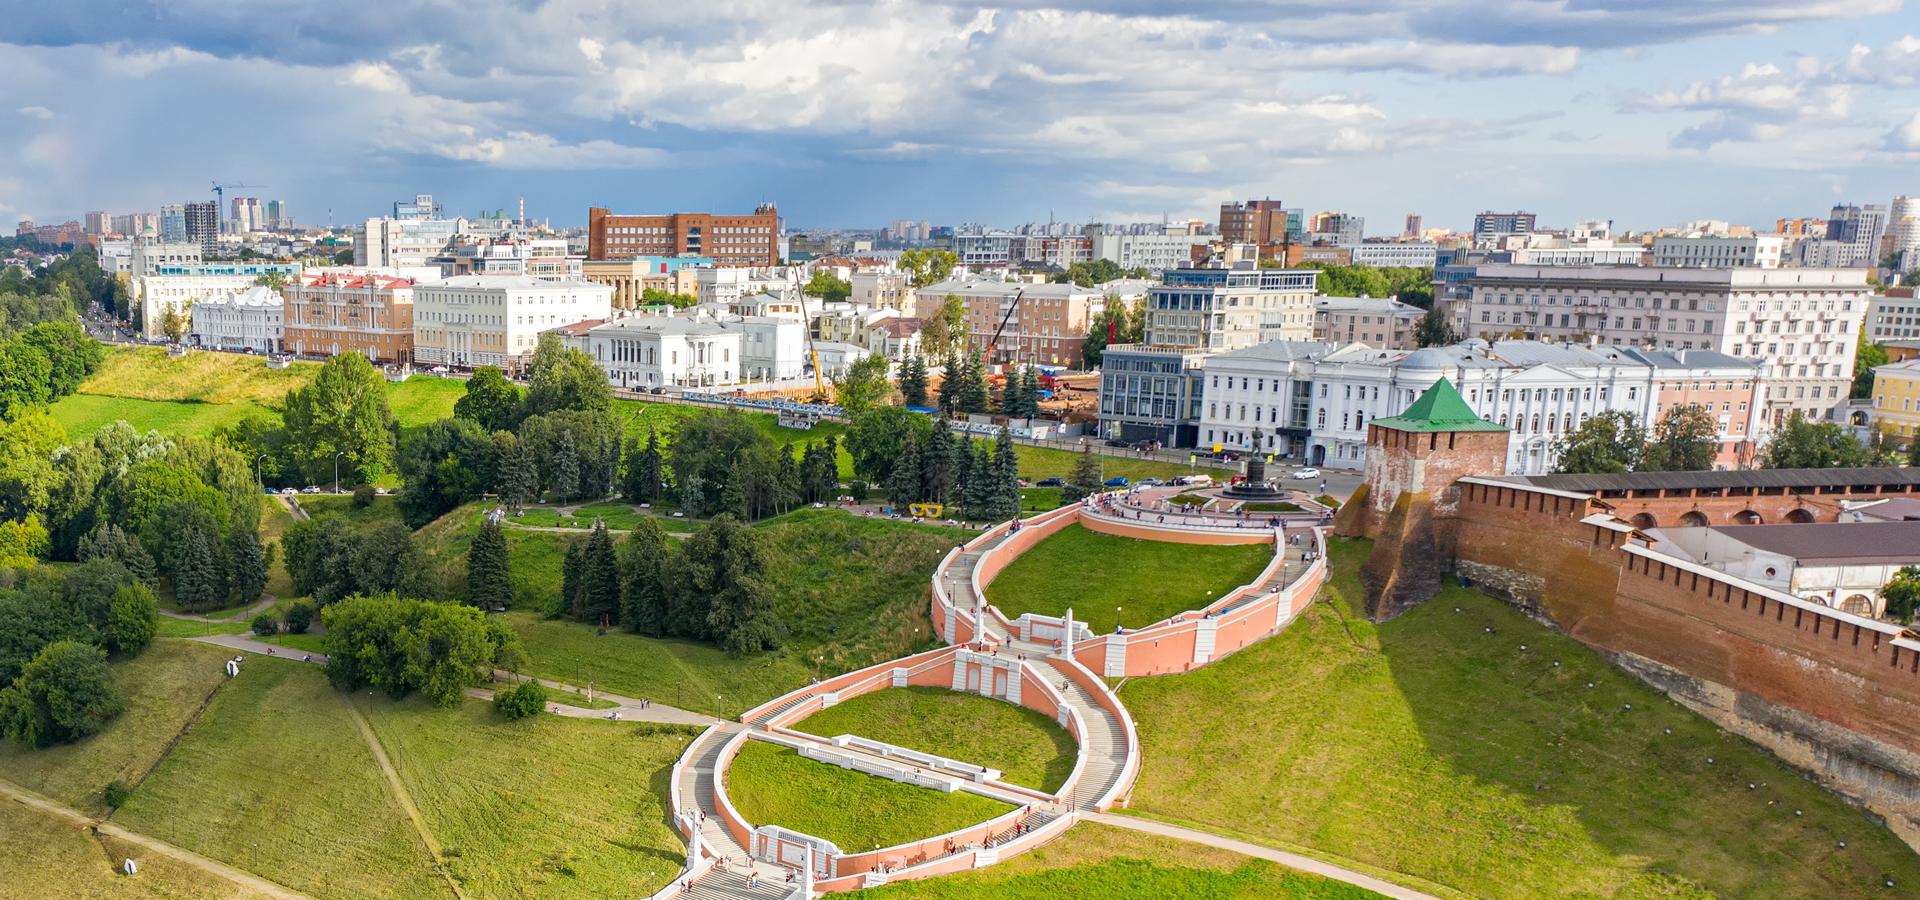 Peer-to-peer advisory in Nizhniy Novgorod, Nizhny Novgorod Oblast, Volga Federal district, Russia